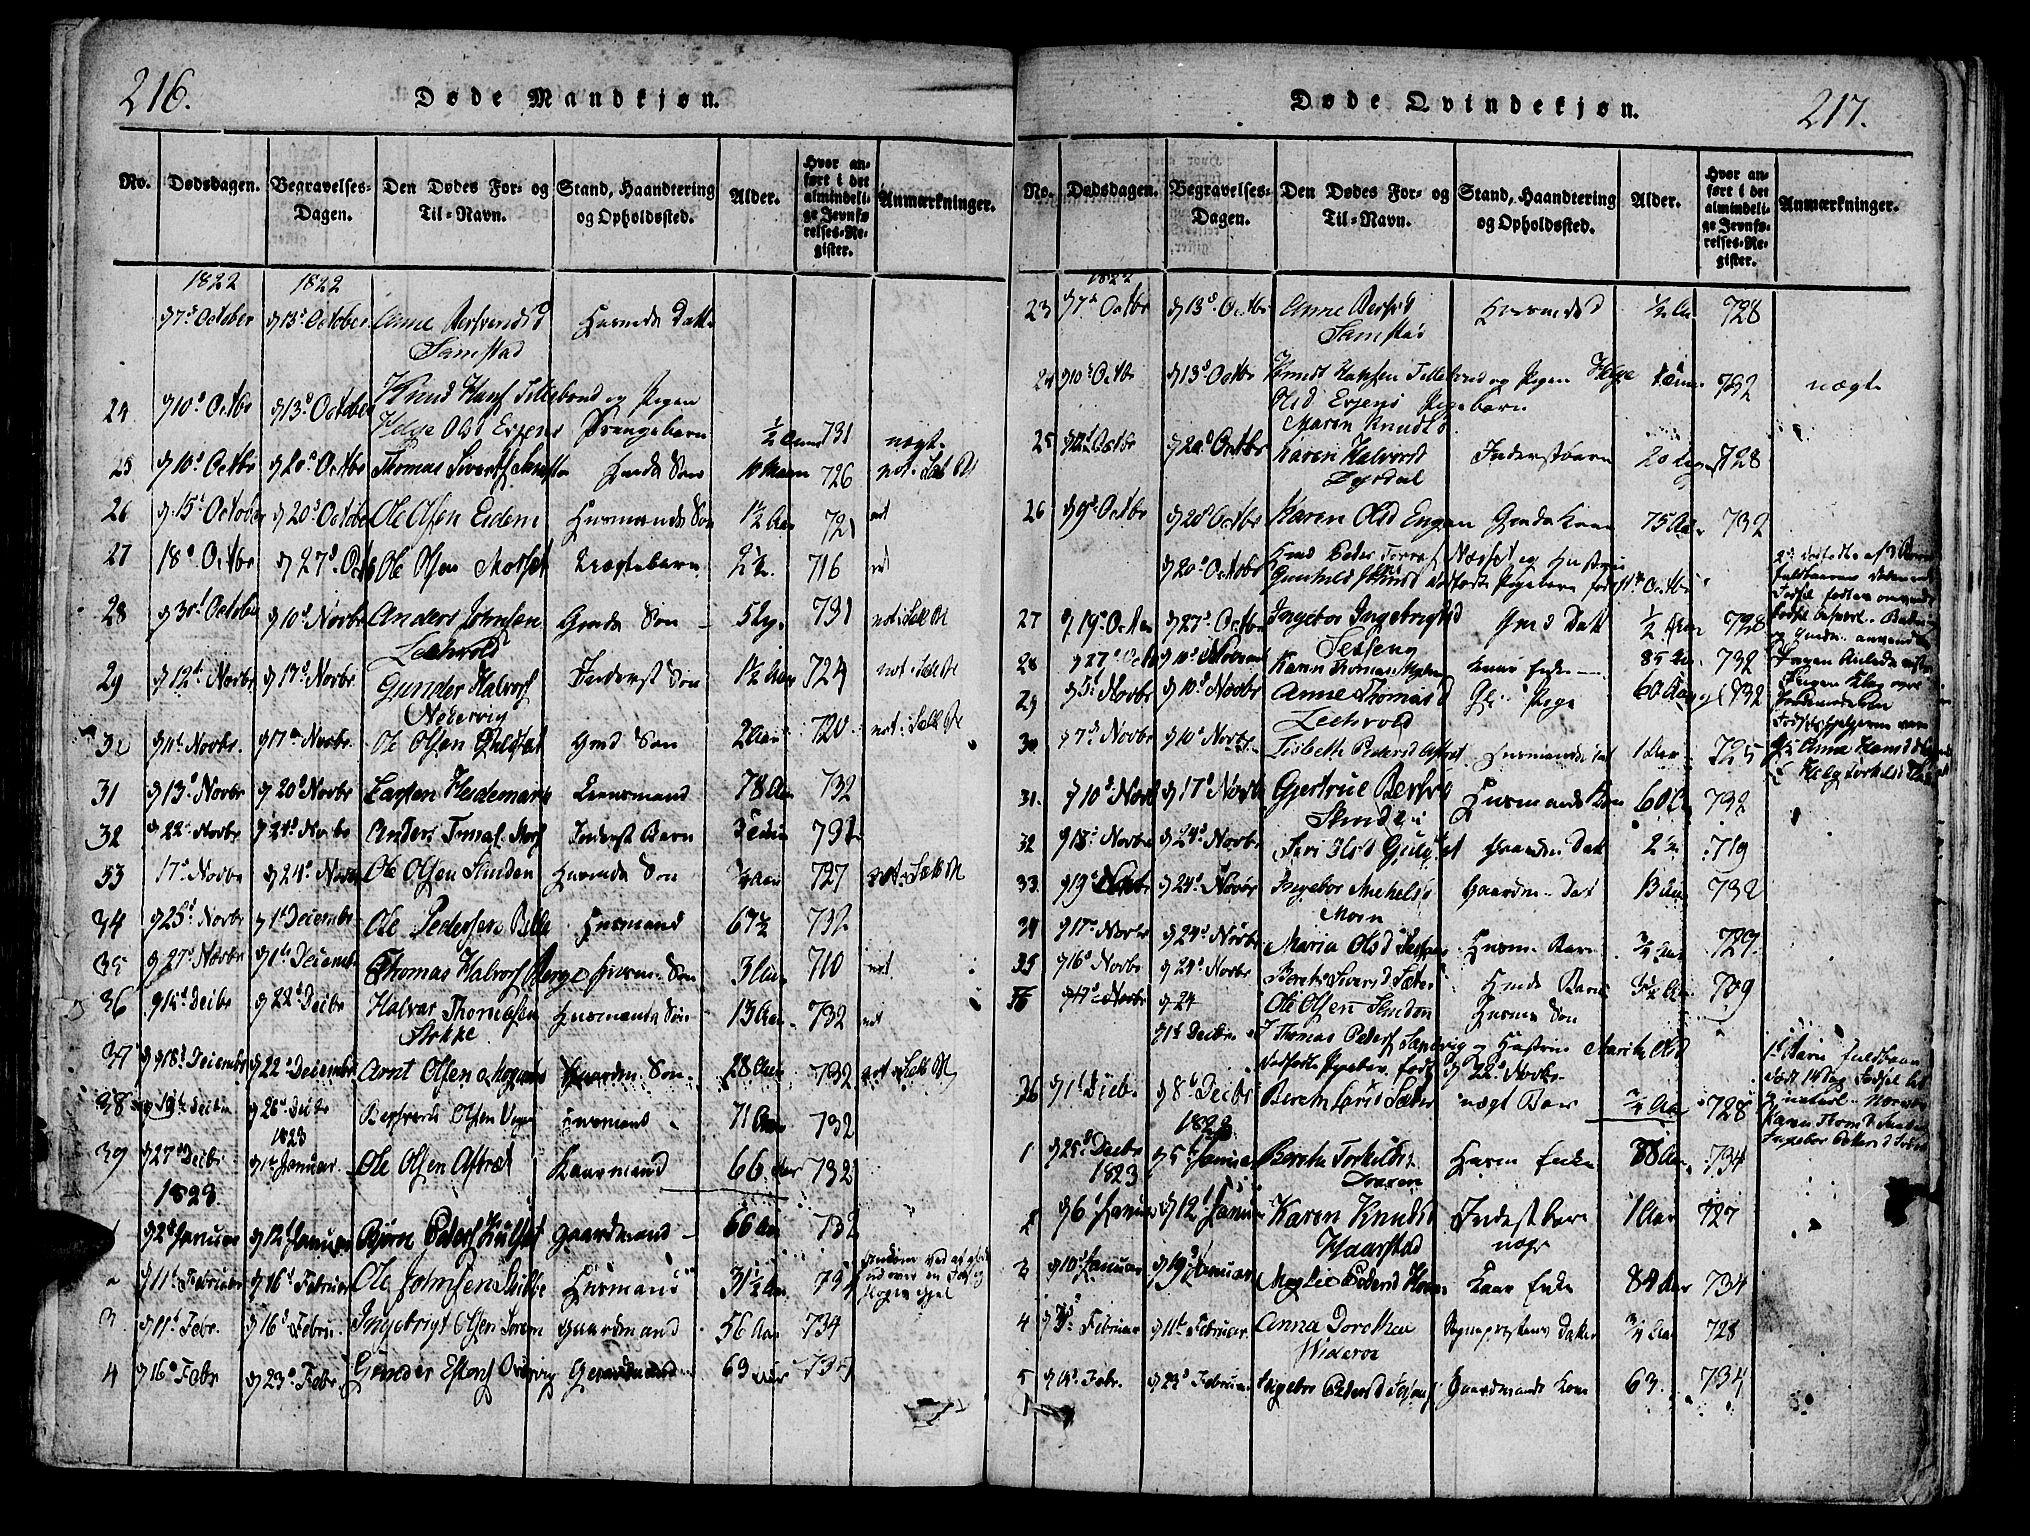 SAT, Ministerialprotokoller, klokkerbøker og fødselsregistre - Sør-Trøndelag, 695/L1141: Ministerialbok nr. 695A04 /1, 1816-1824, s. 216-217